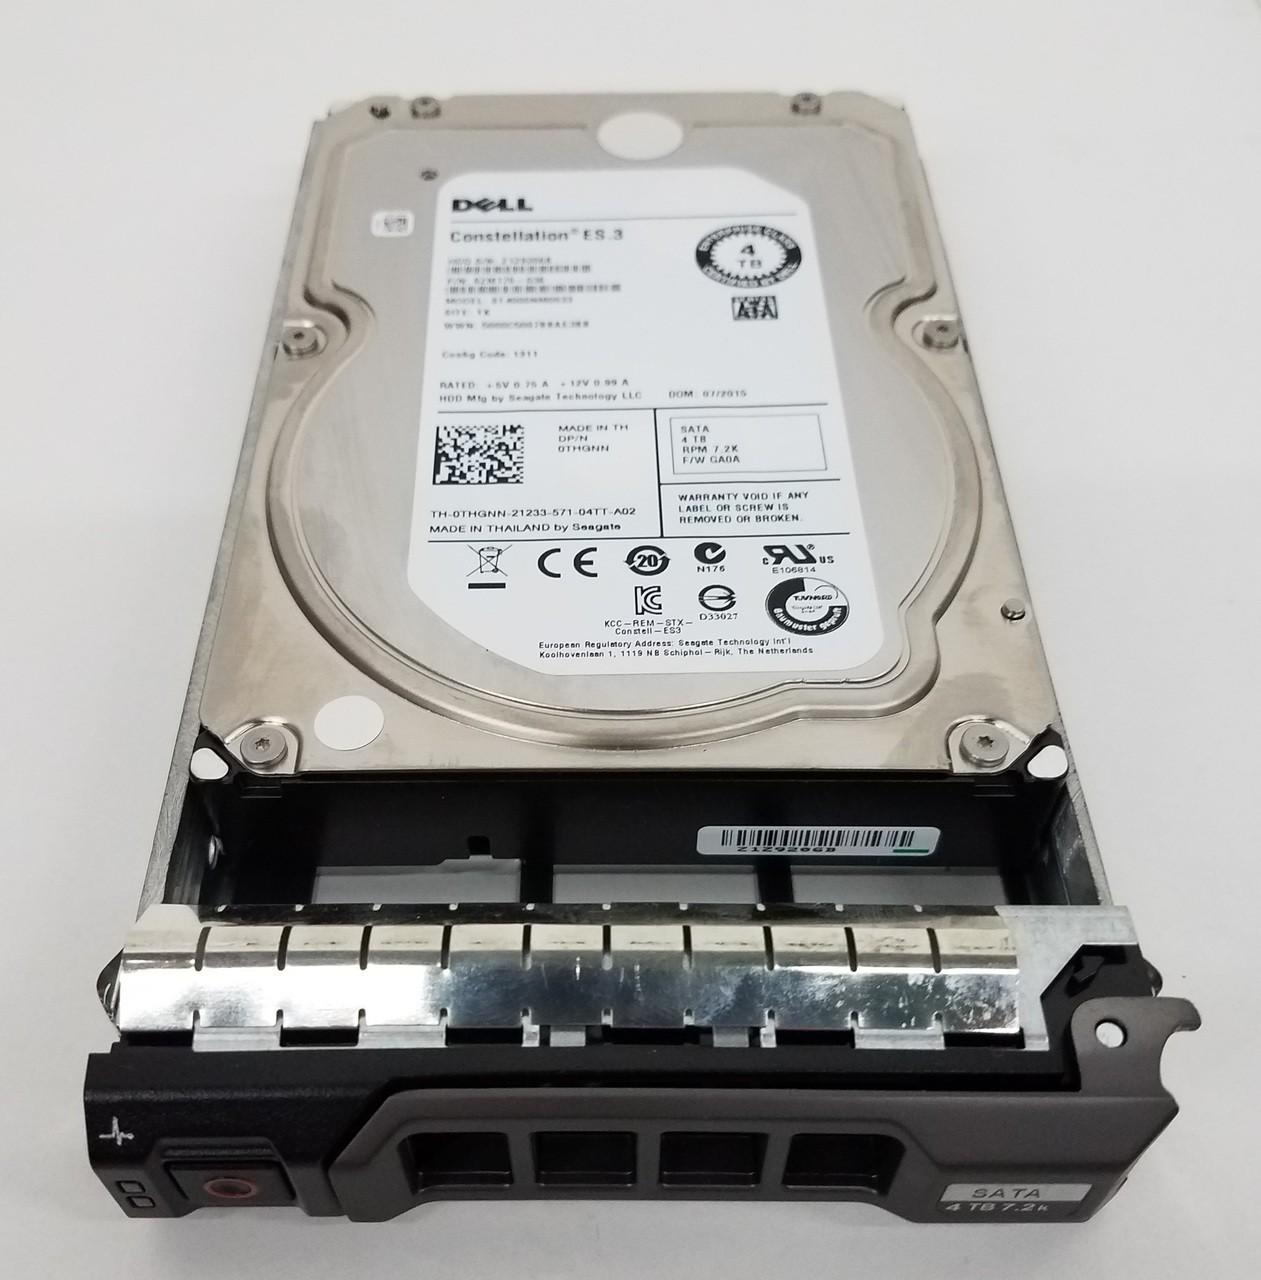 hd 4t es 7.2k 3.5 s-meg e/c - Warranty 6 months Image